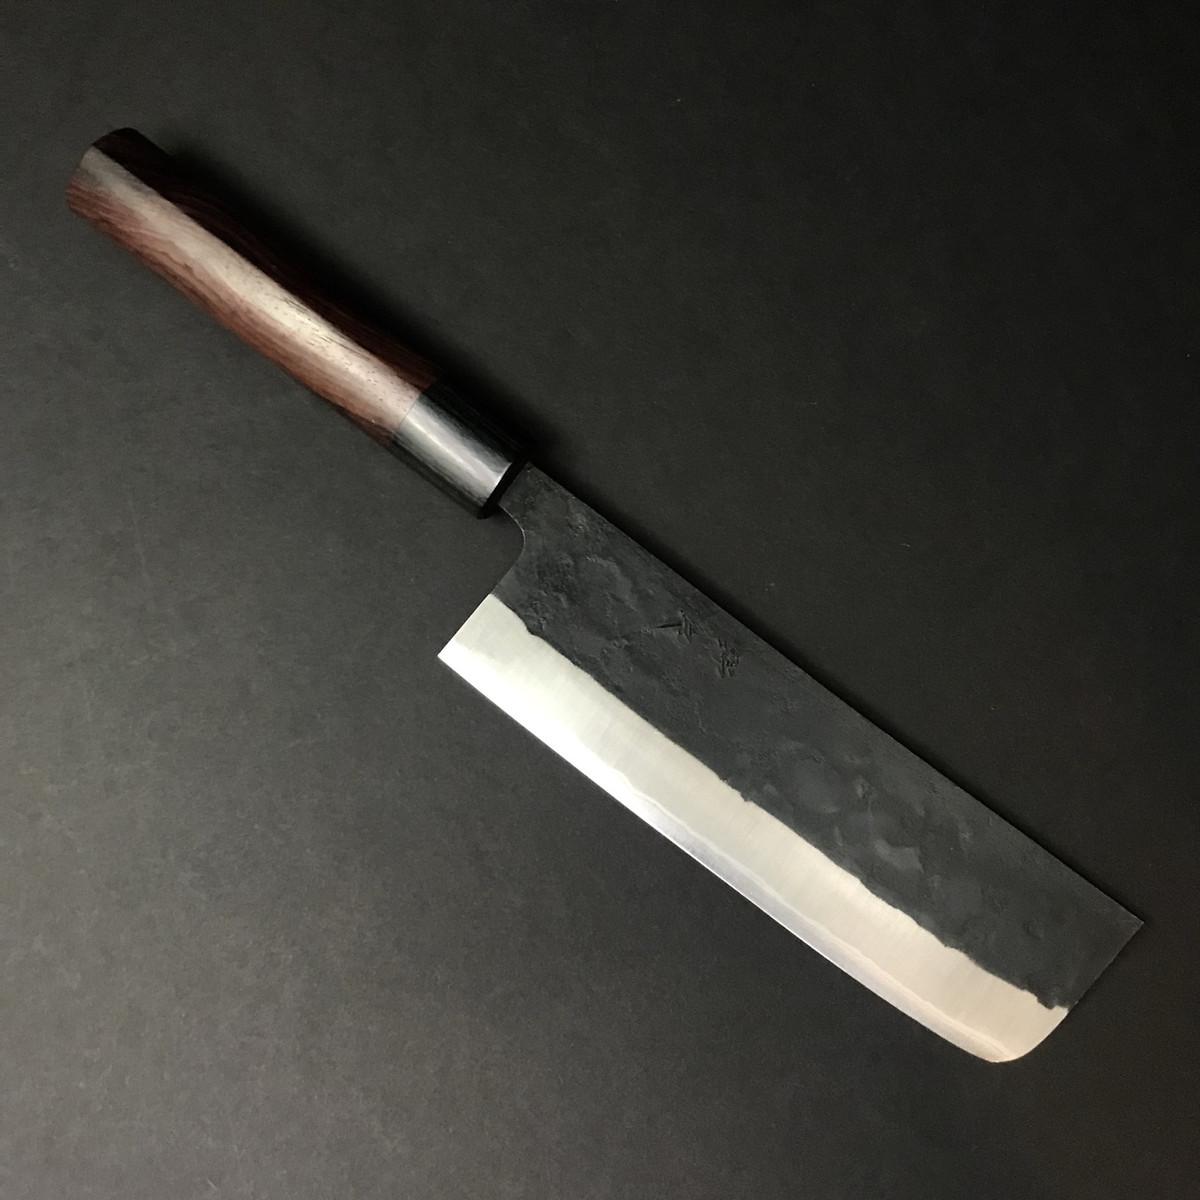 NOLA - AS Kuro - Nakiri 165mm